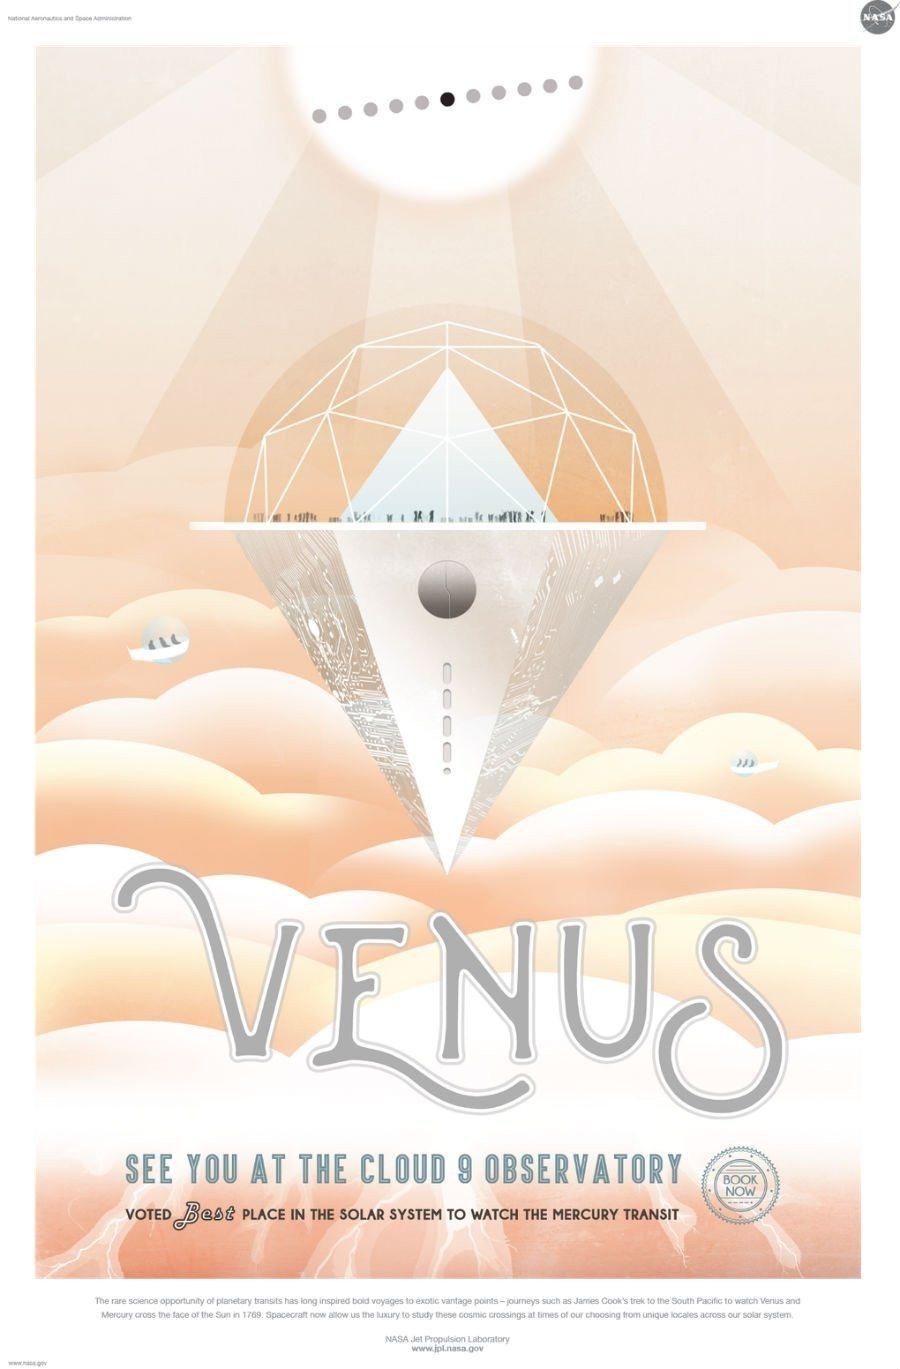 venus_-_eleito_o_melhor_lugar_no_sistema_solar_para_observar_o_transito_de_mercurio